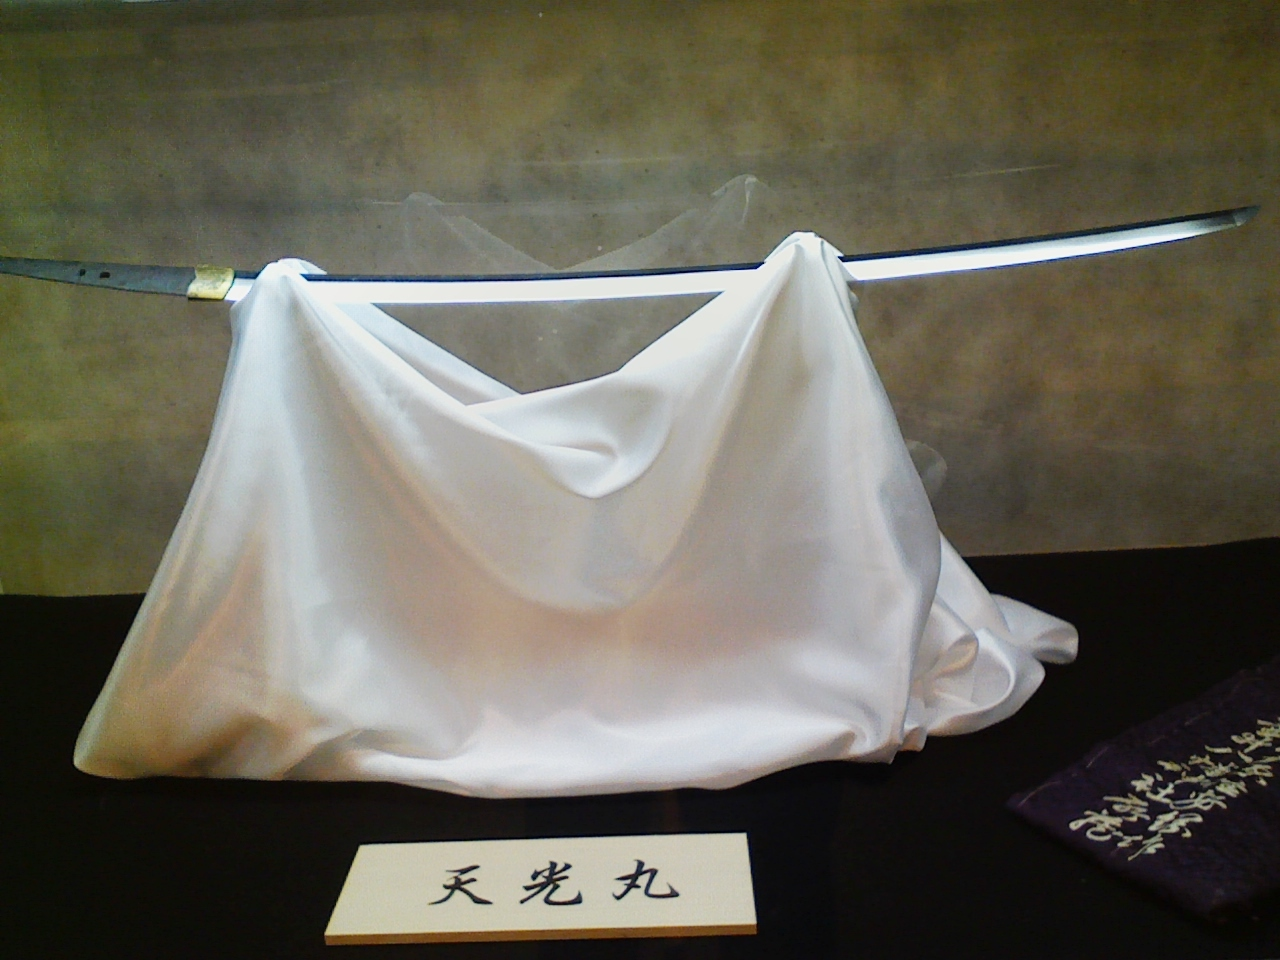 2019_02_15_盆梅と刀剣展